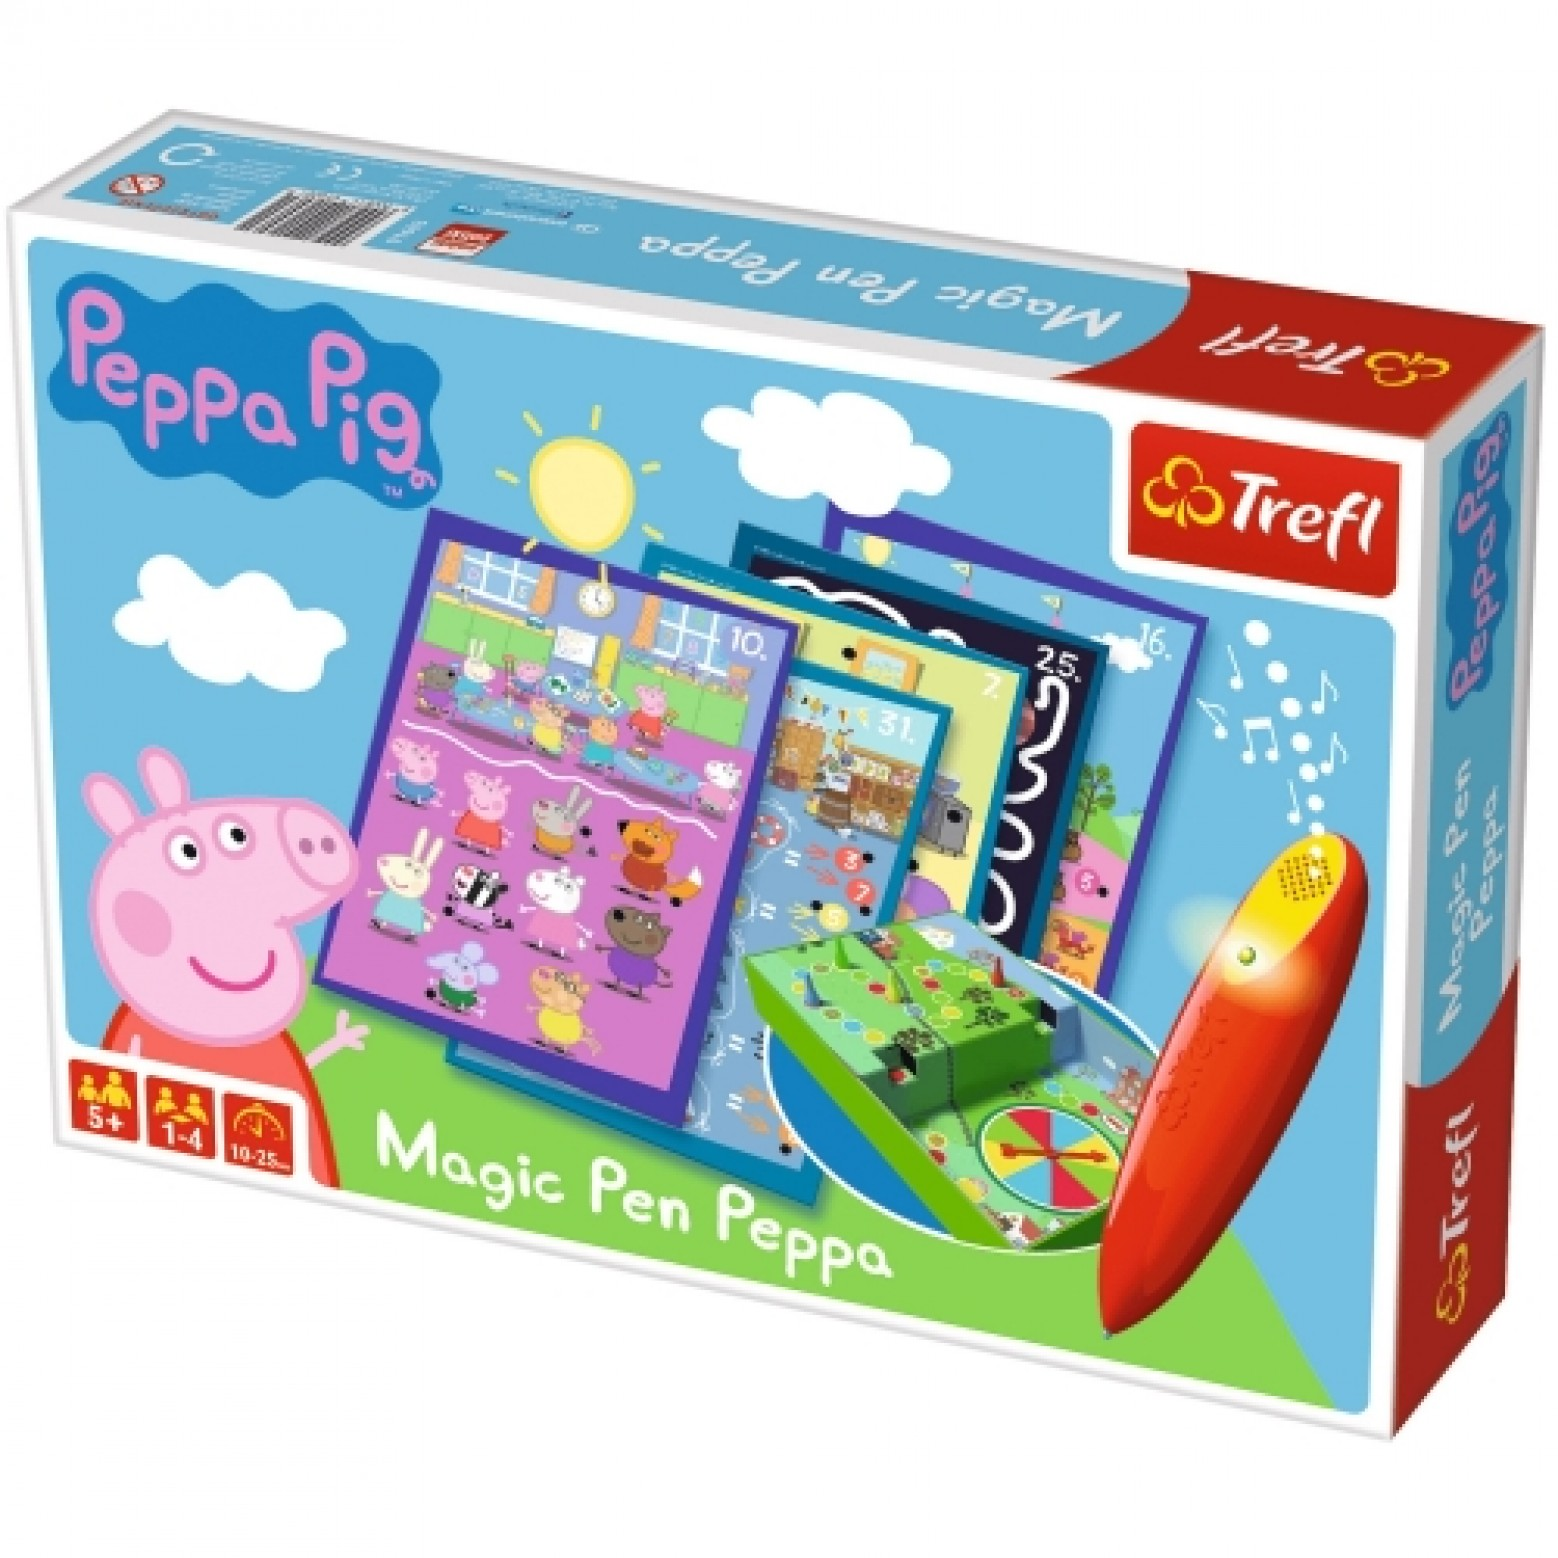 Peppa Pig magic pen bordspel 5+